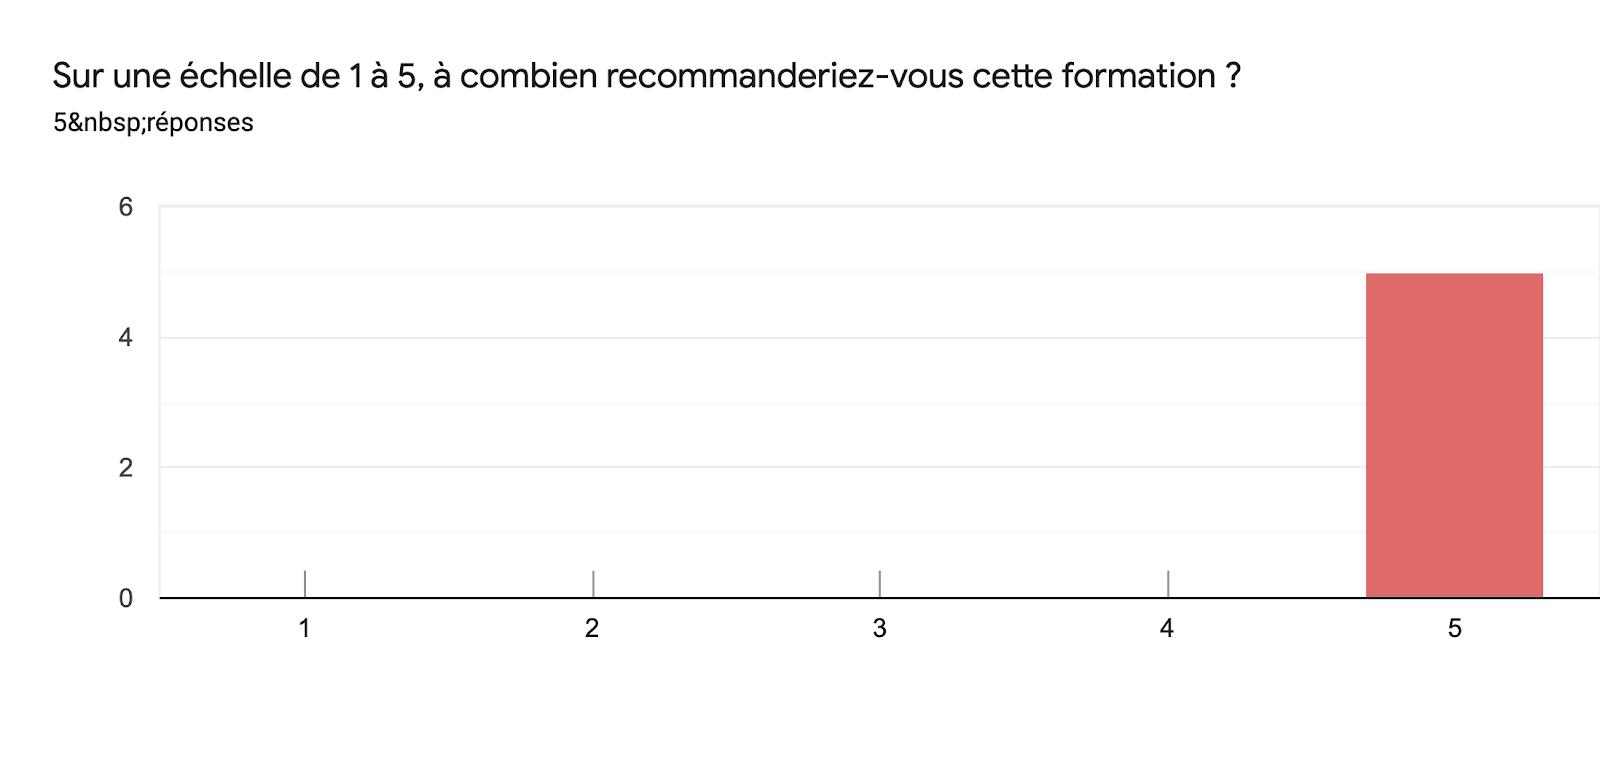 Tableau des réponses au formulaire Forms. Titre de la question: Sur une échelle de 1 à 5, à combien recommanderiez-vous cette formation?. Nombre de réponses: 5réponses.